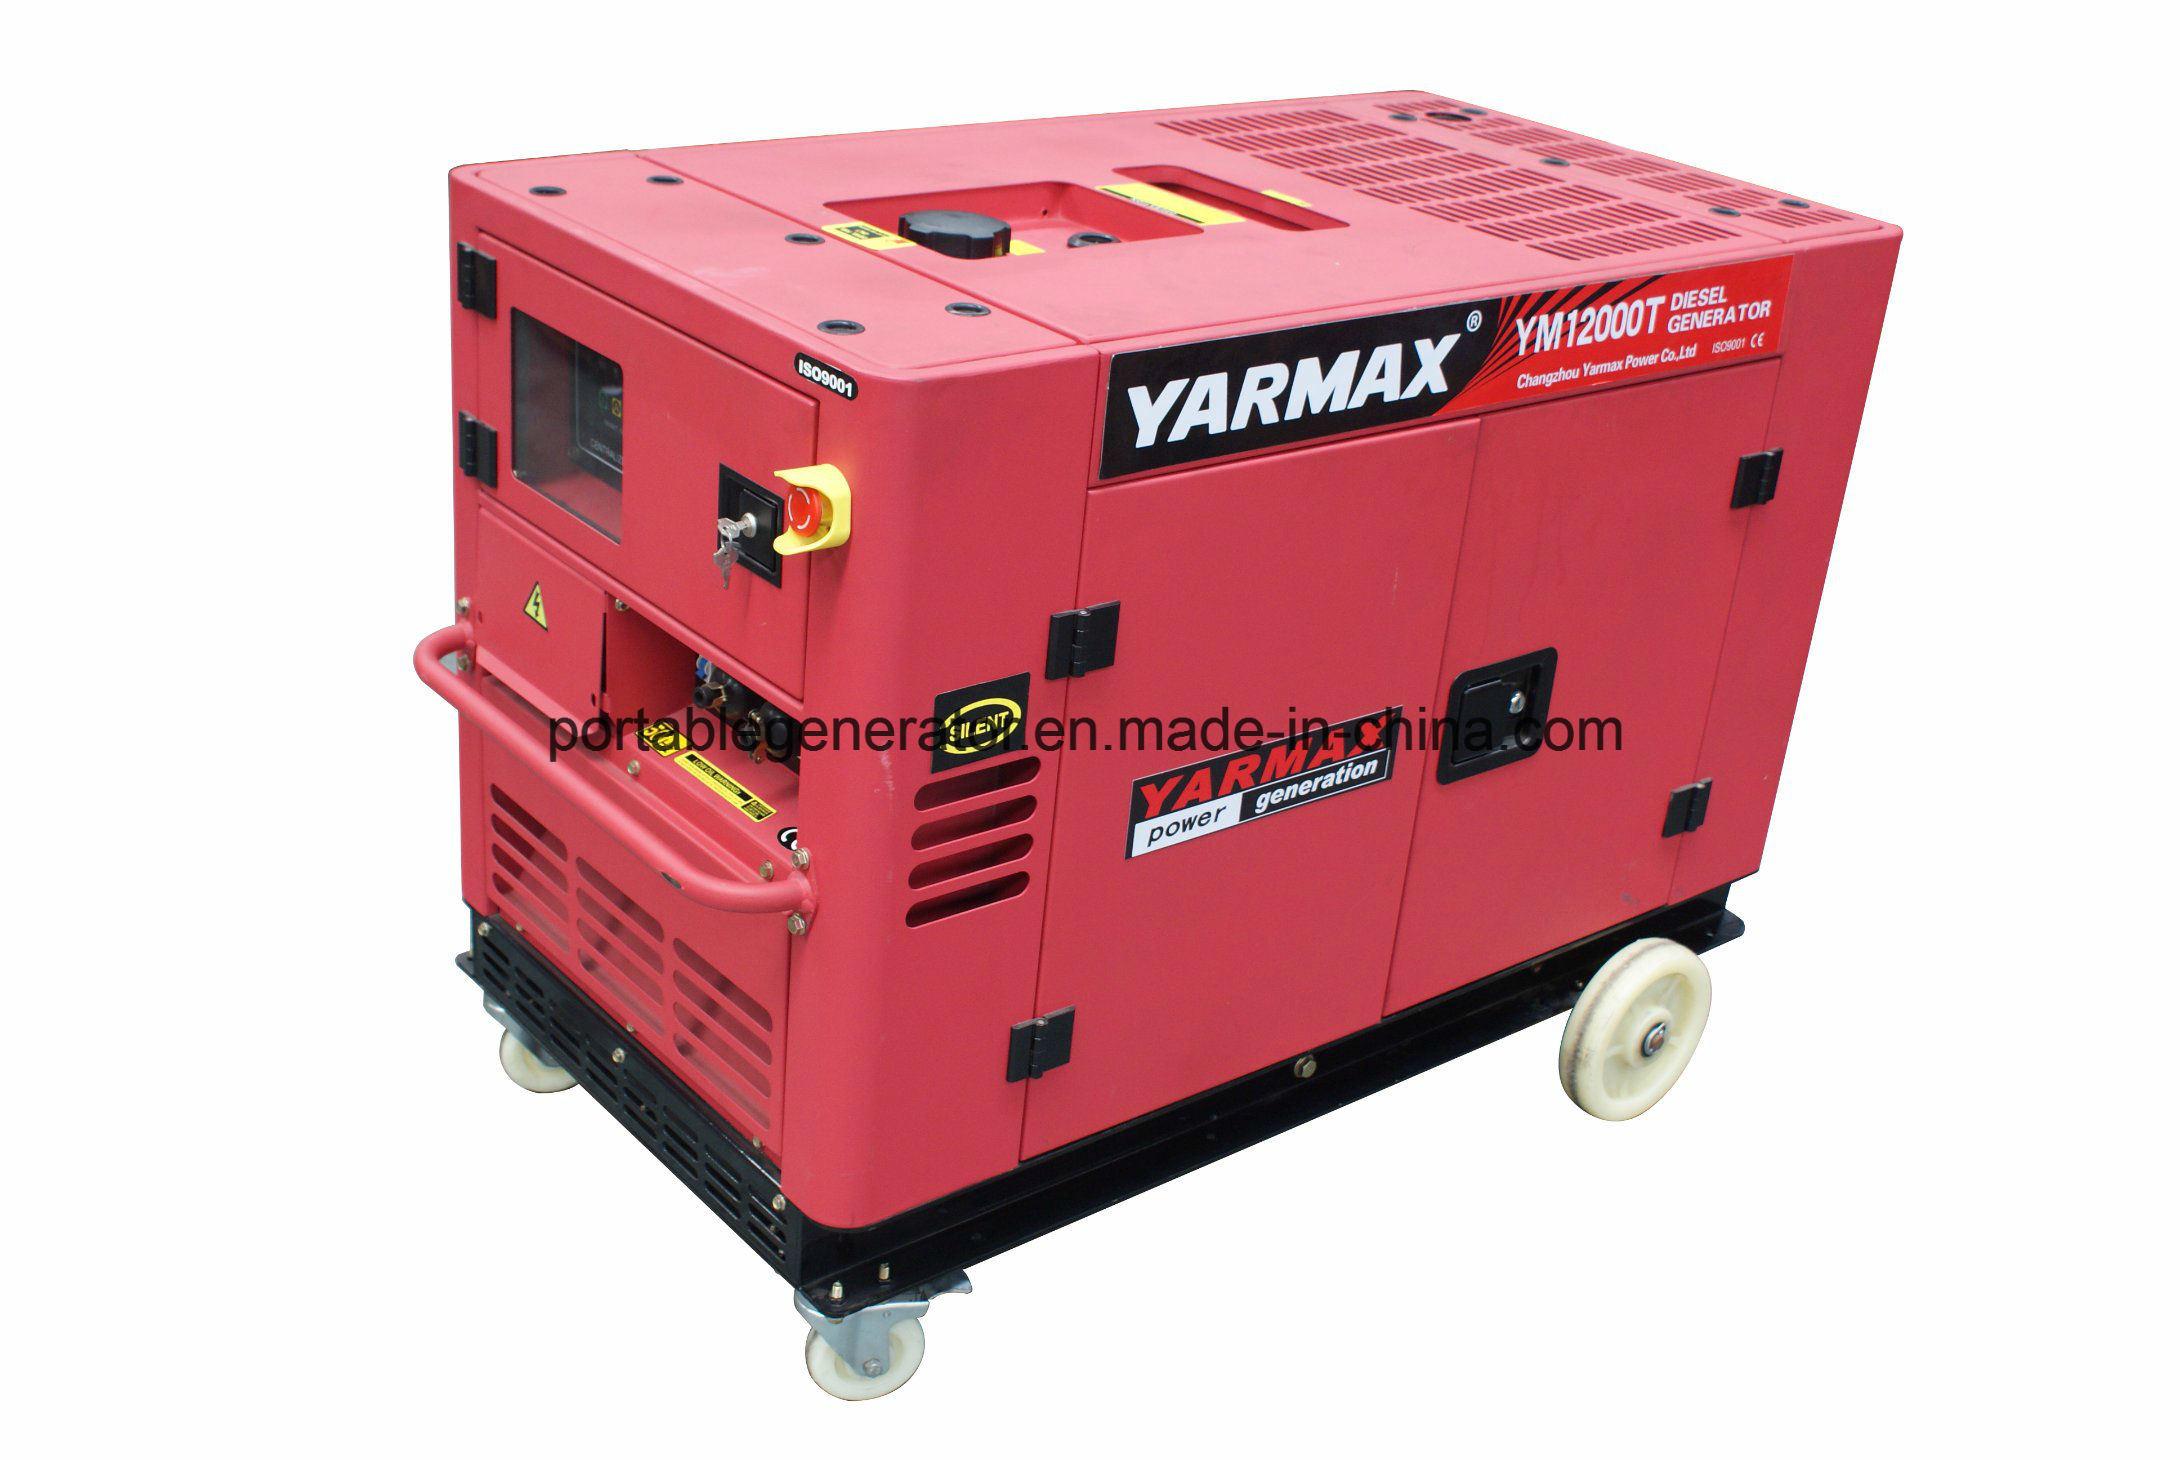 China Yarmax 3 Phase Diesel Generator Set 12kw Generator Diesel